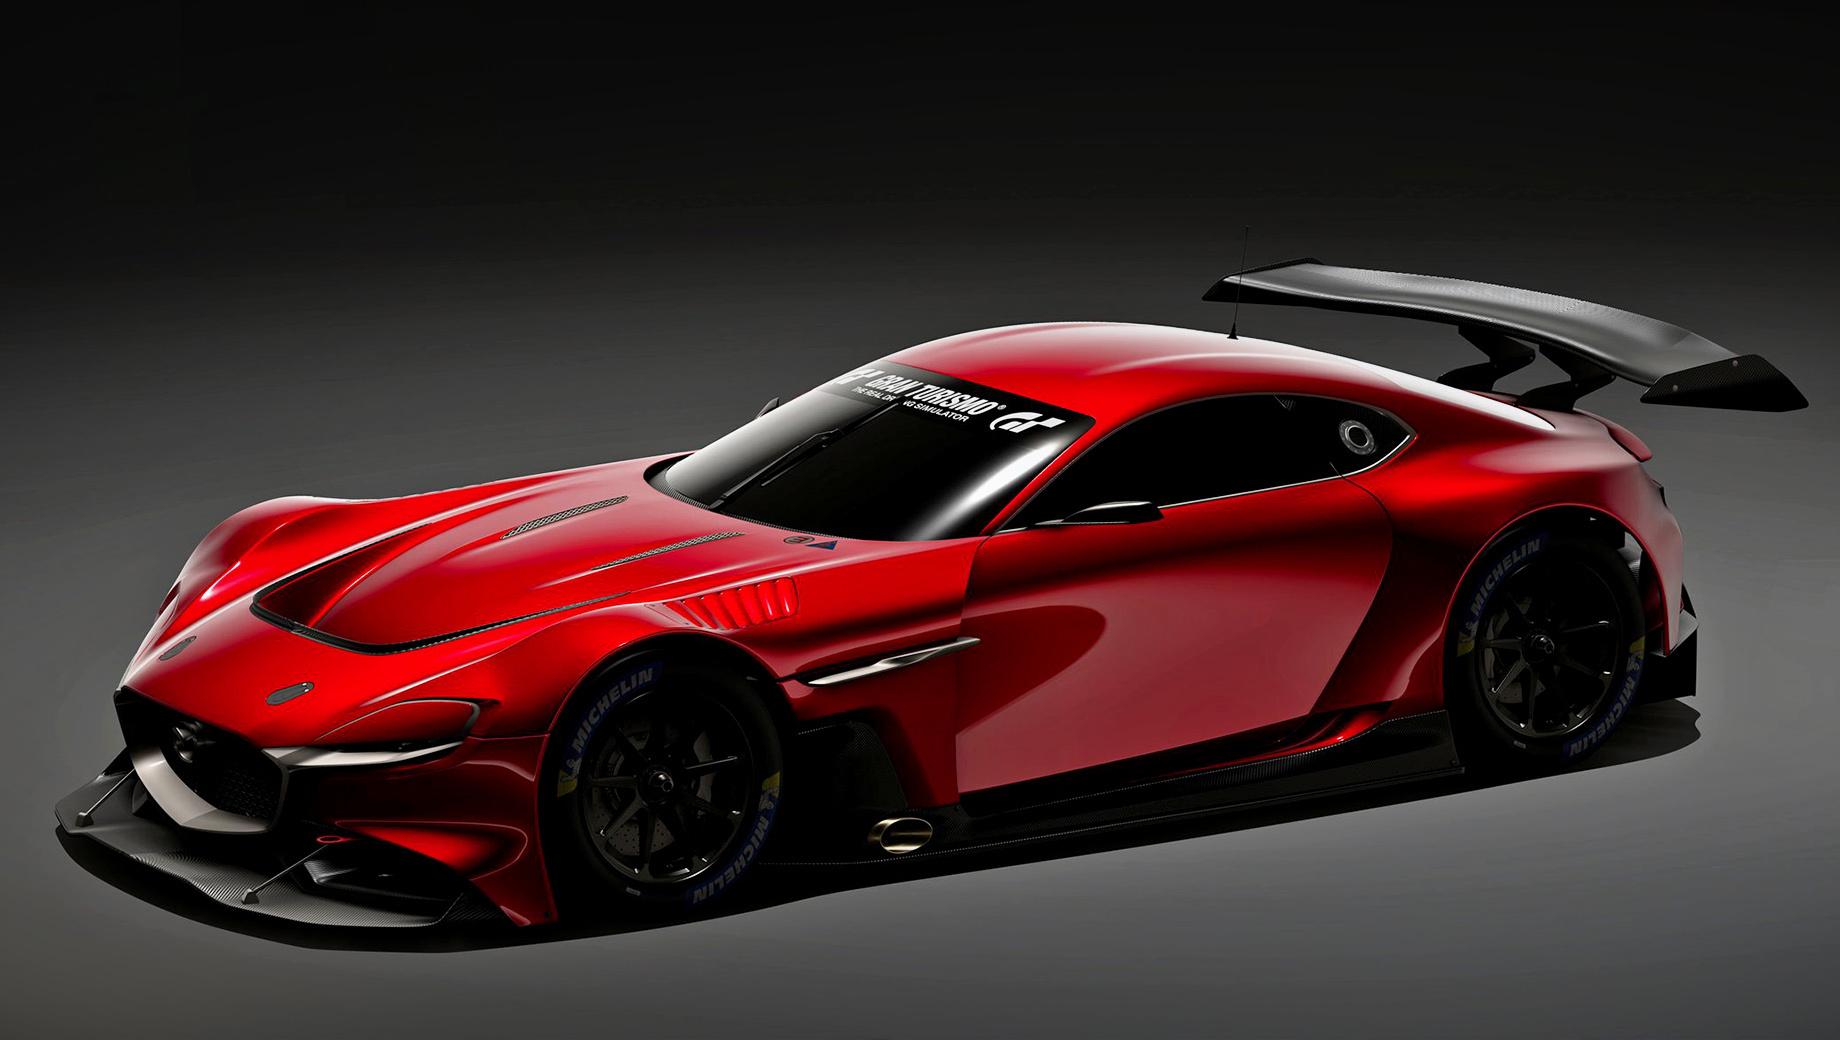 Mazda rx-vision,Mazda concept. За внешность цифрового купе отвечает шеф-дизайнер Икуо Маэда, который создавал концепт «в металле». Гоночный RX-Vision GT3 отличается аэродинамическим обвесом, фиксированным антикрылом, изобилием воздуховодов и выведенным в бок выпуском.